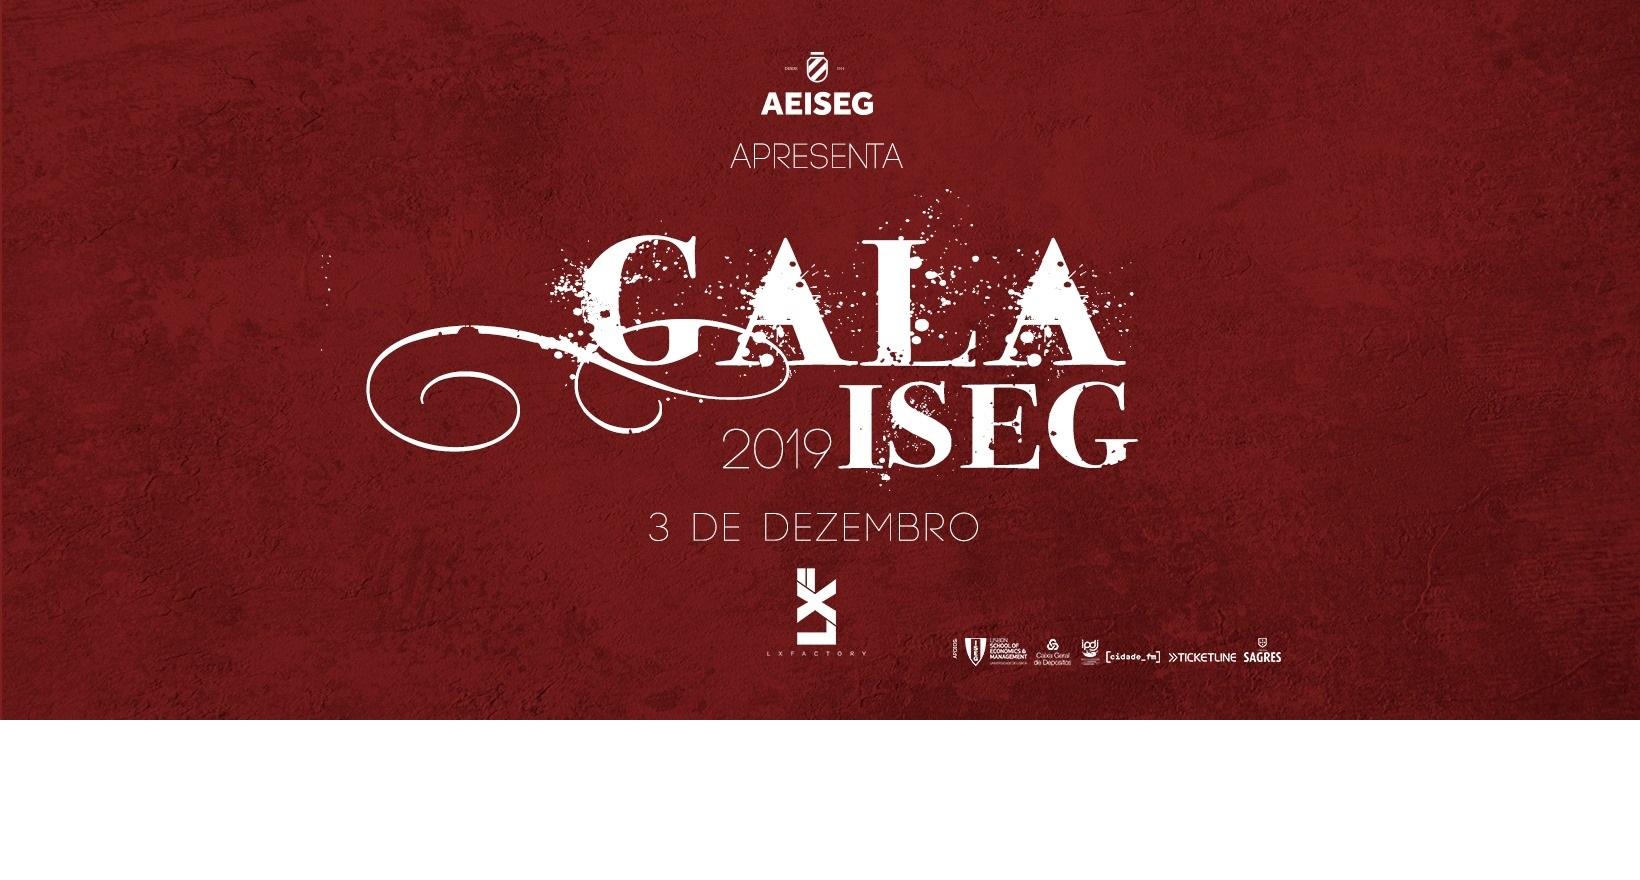 Gala ISEG 2019